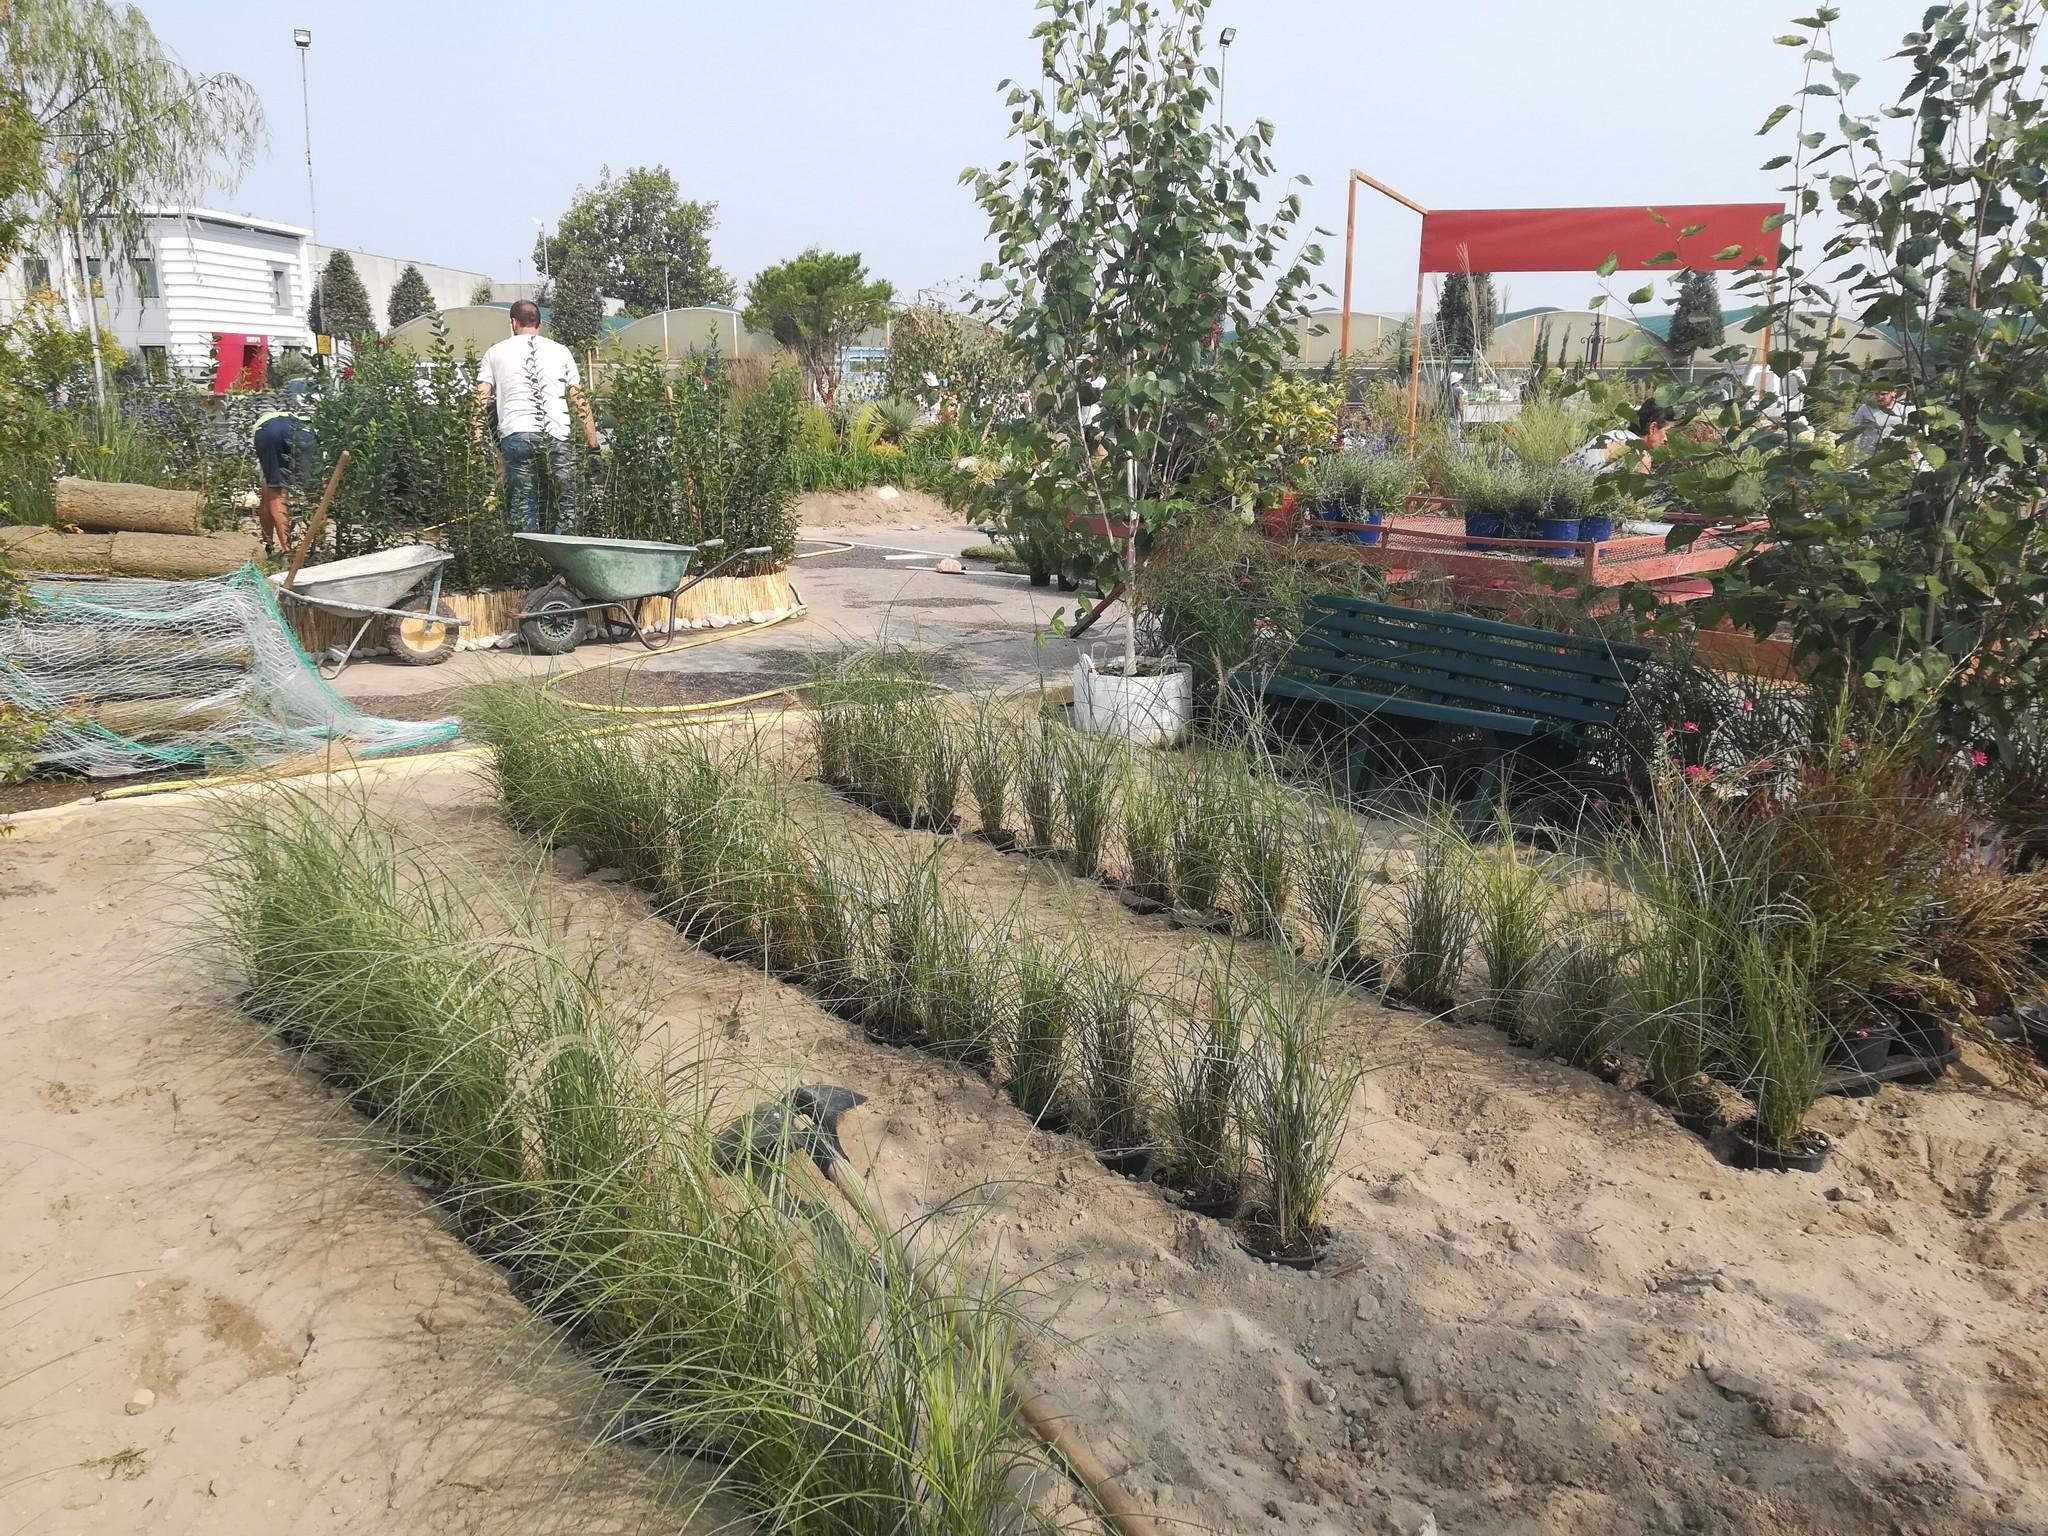 Concorso-giardini-Verdeggiando_30-Con-il-vento-tra-i-capelli-SNFT9-Stefano-Notari